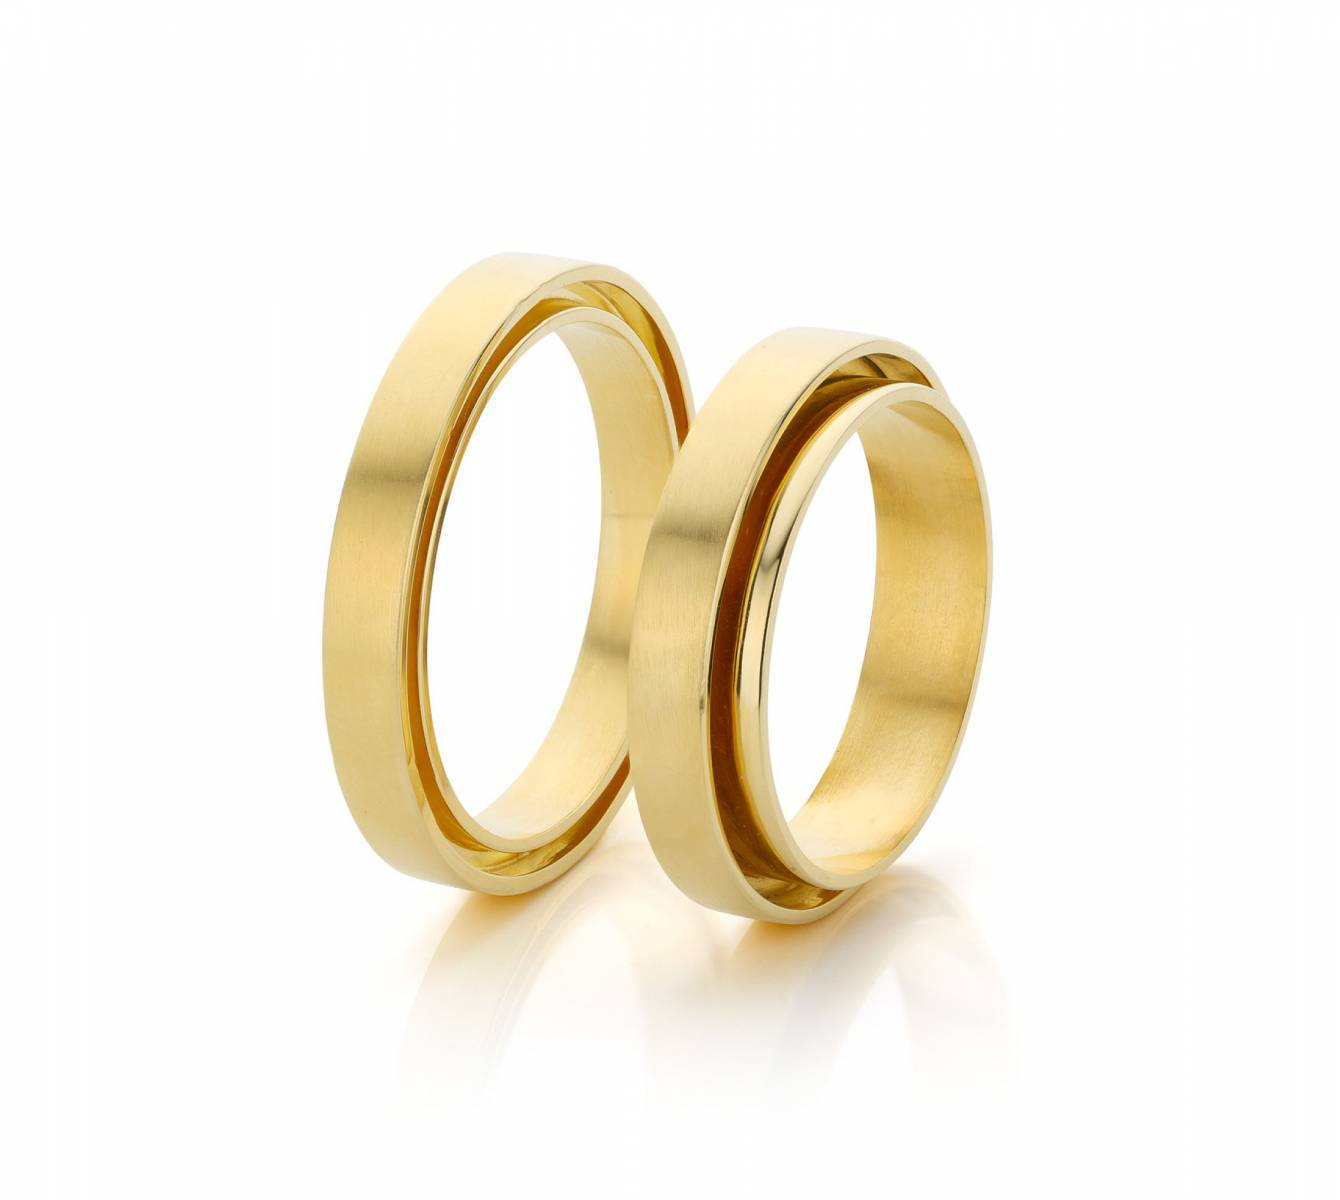 KUBINI - Juwelen - fotograaf Erwin Maes - House of Weddings (1)